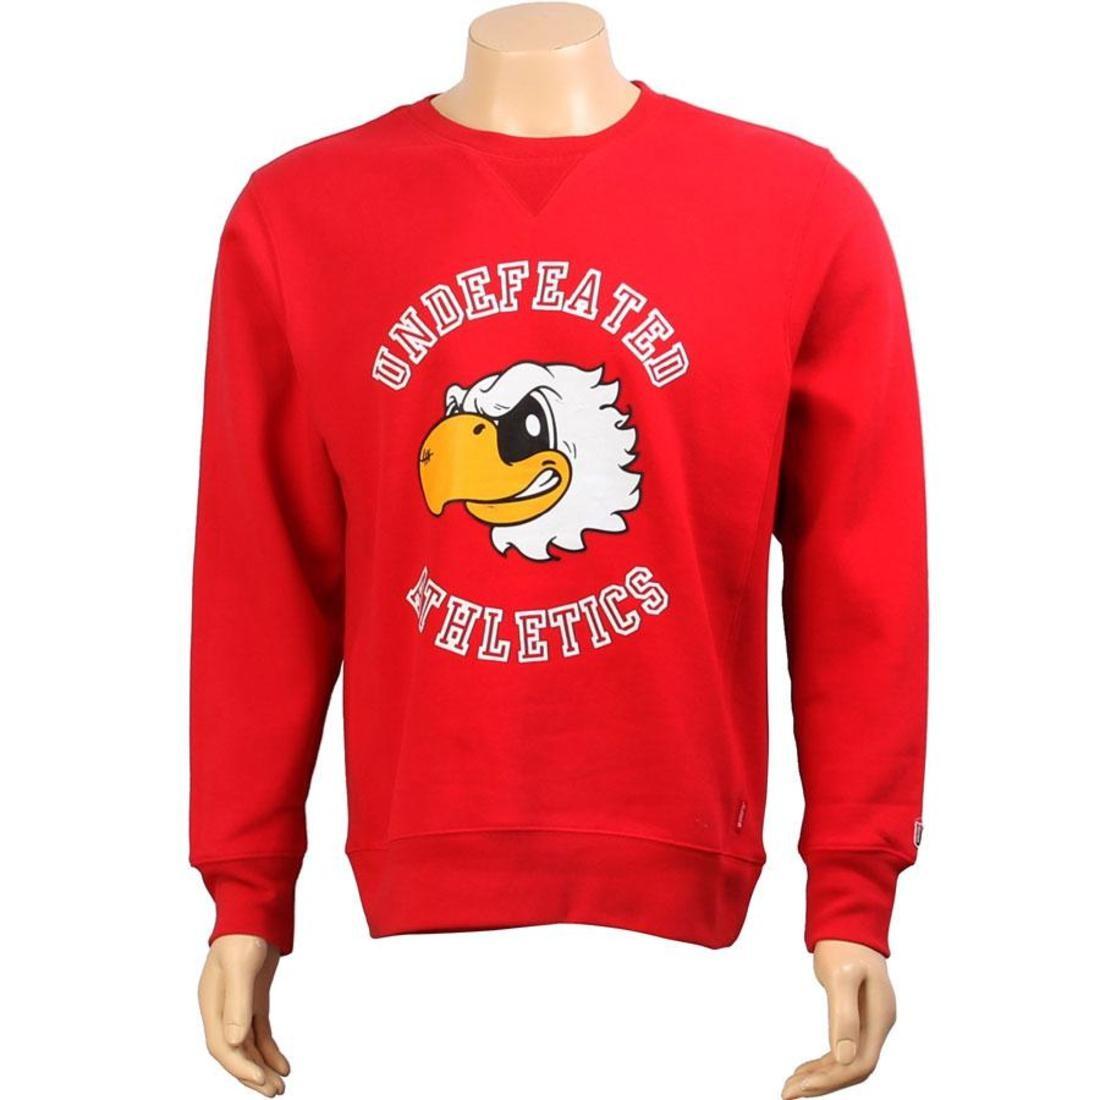 【スーパーセール中! 6/11深夜2時迄】UNDEFEATED メンズファッション トップス Tシャツ カットソー メンズ 【 Mascot Crewneck (red) 】 Red